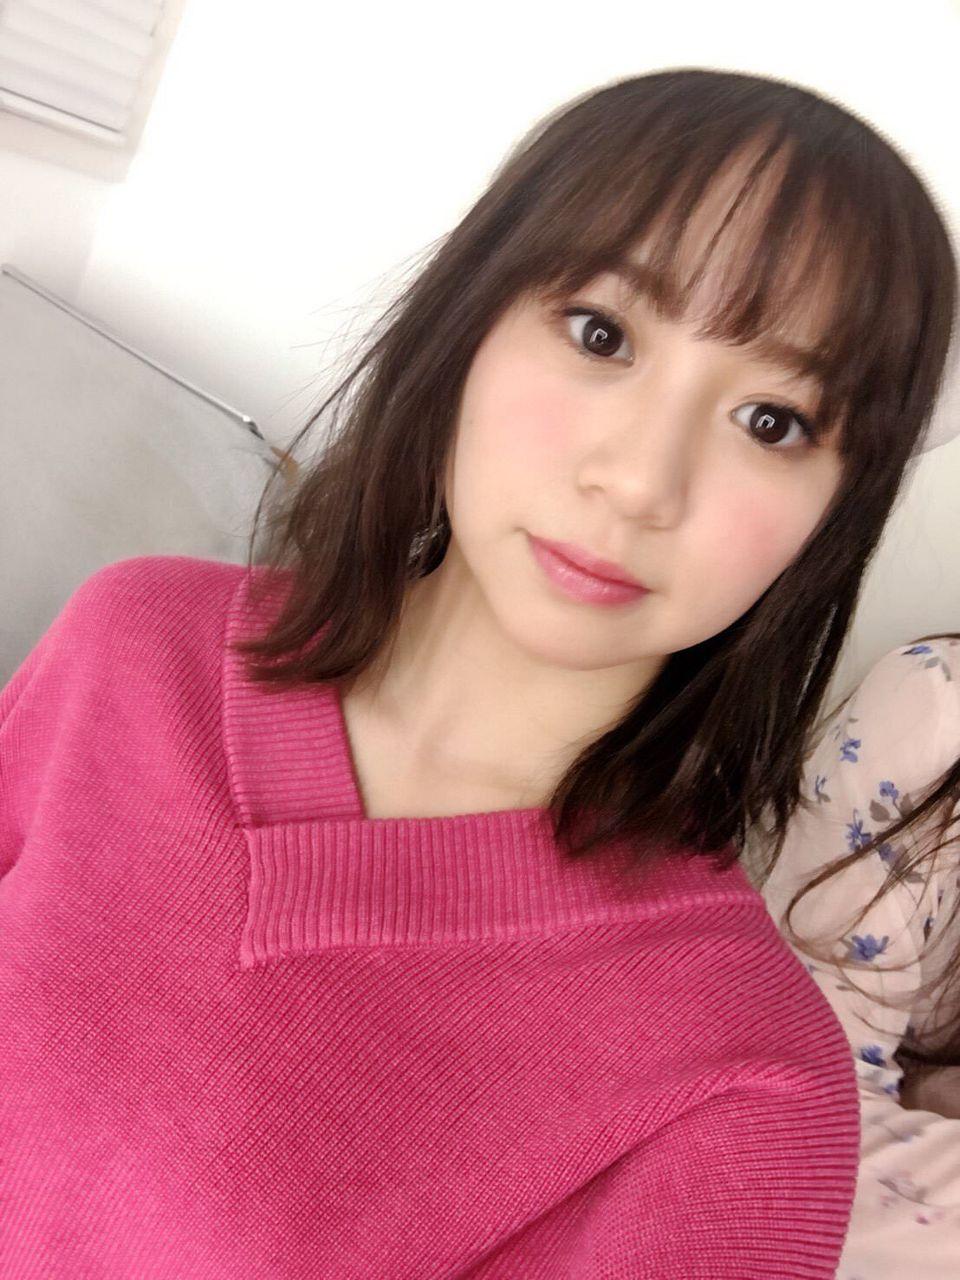 【エンタメ画像】Juice=Juice高木紗友希、美幼女大確変キタ━━━━(゚∀゚)━━━━!!